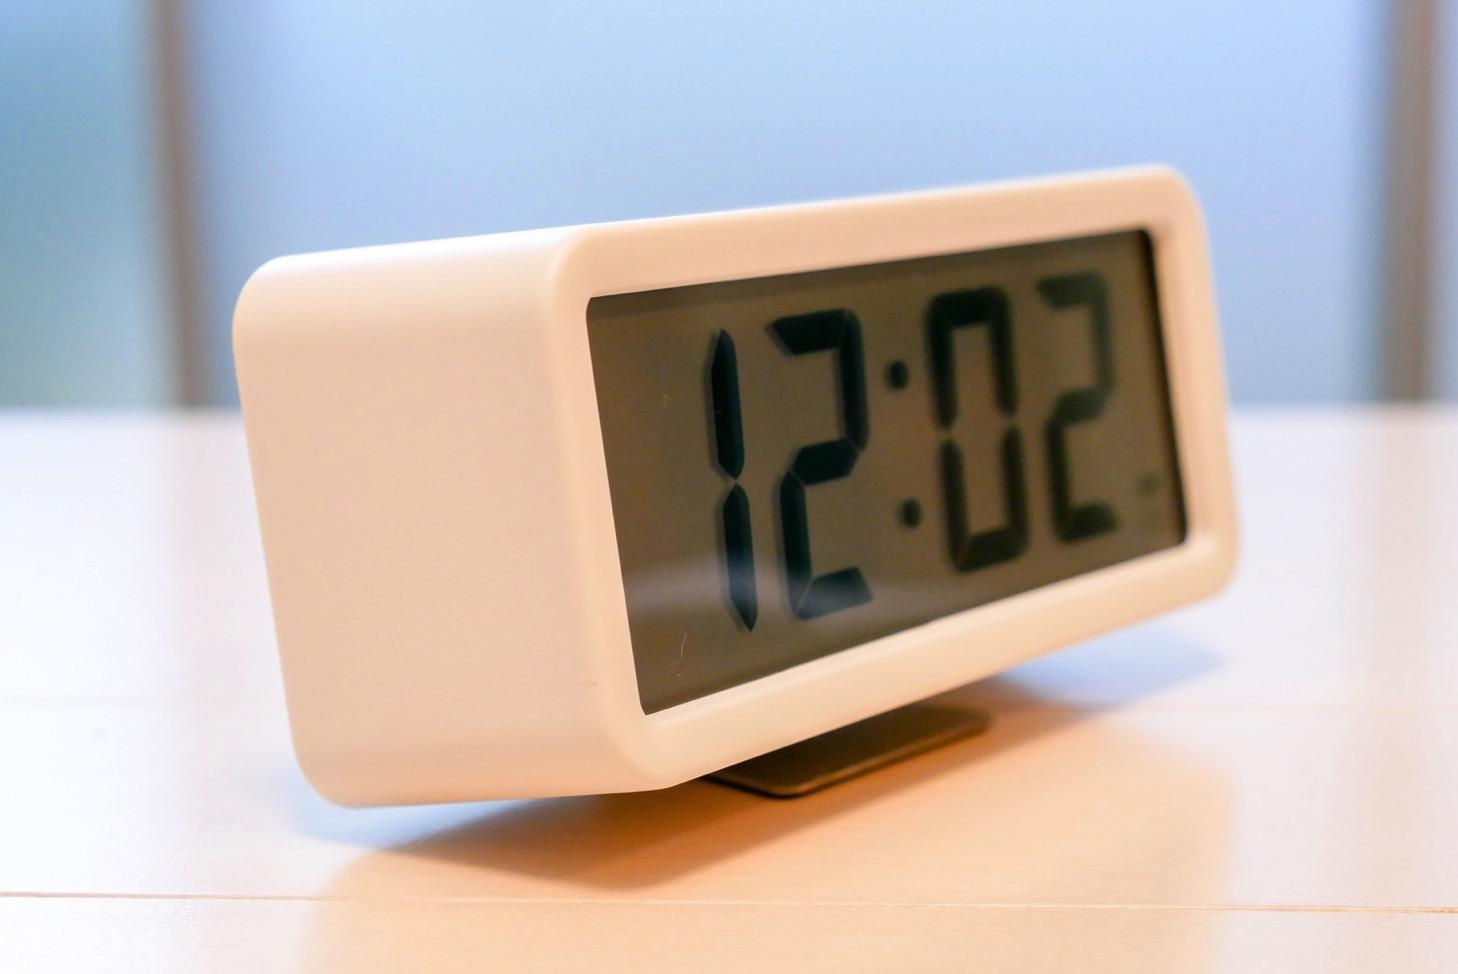 無印良品 デジタル時計 スタンド